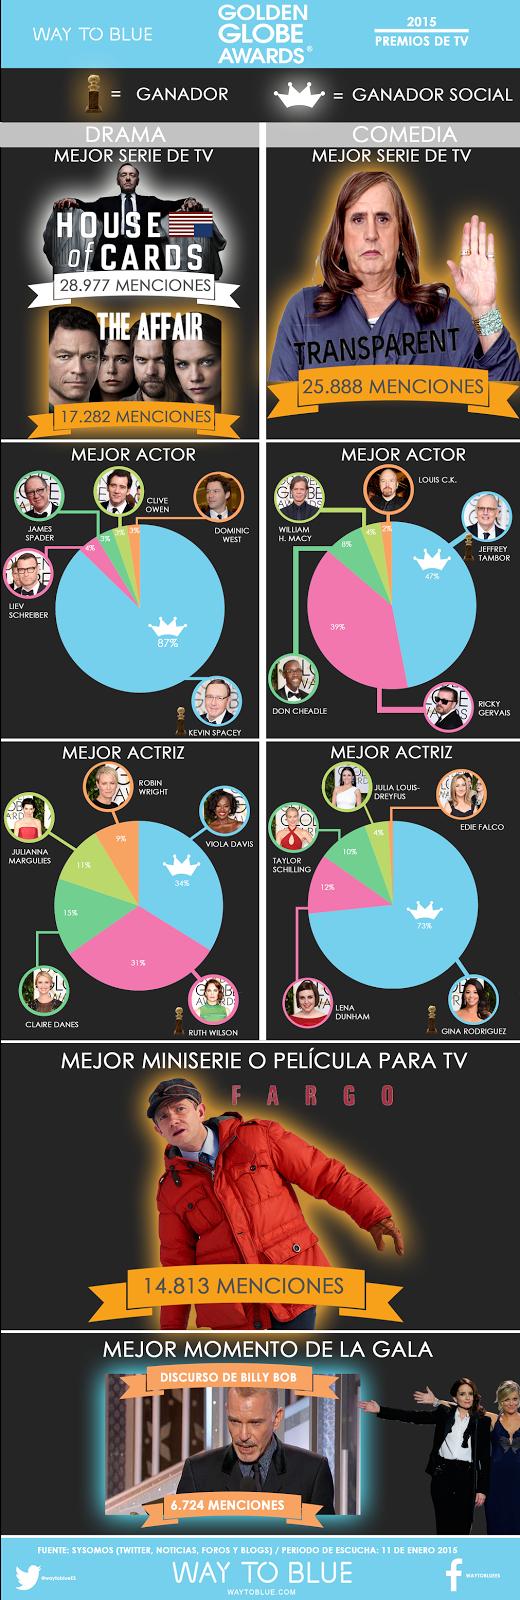 INFOGRAFÍA SOBRE LOS GLOBOS DE ORO: ganadores reales VS ganadores sociales - TV